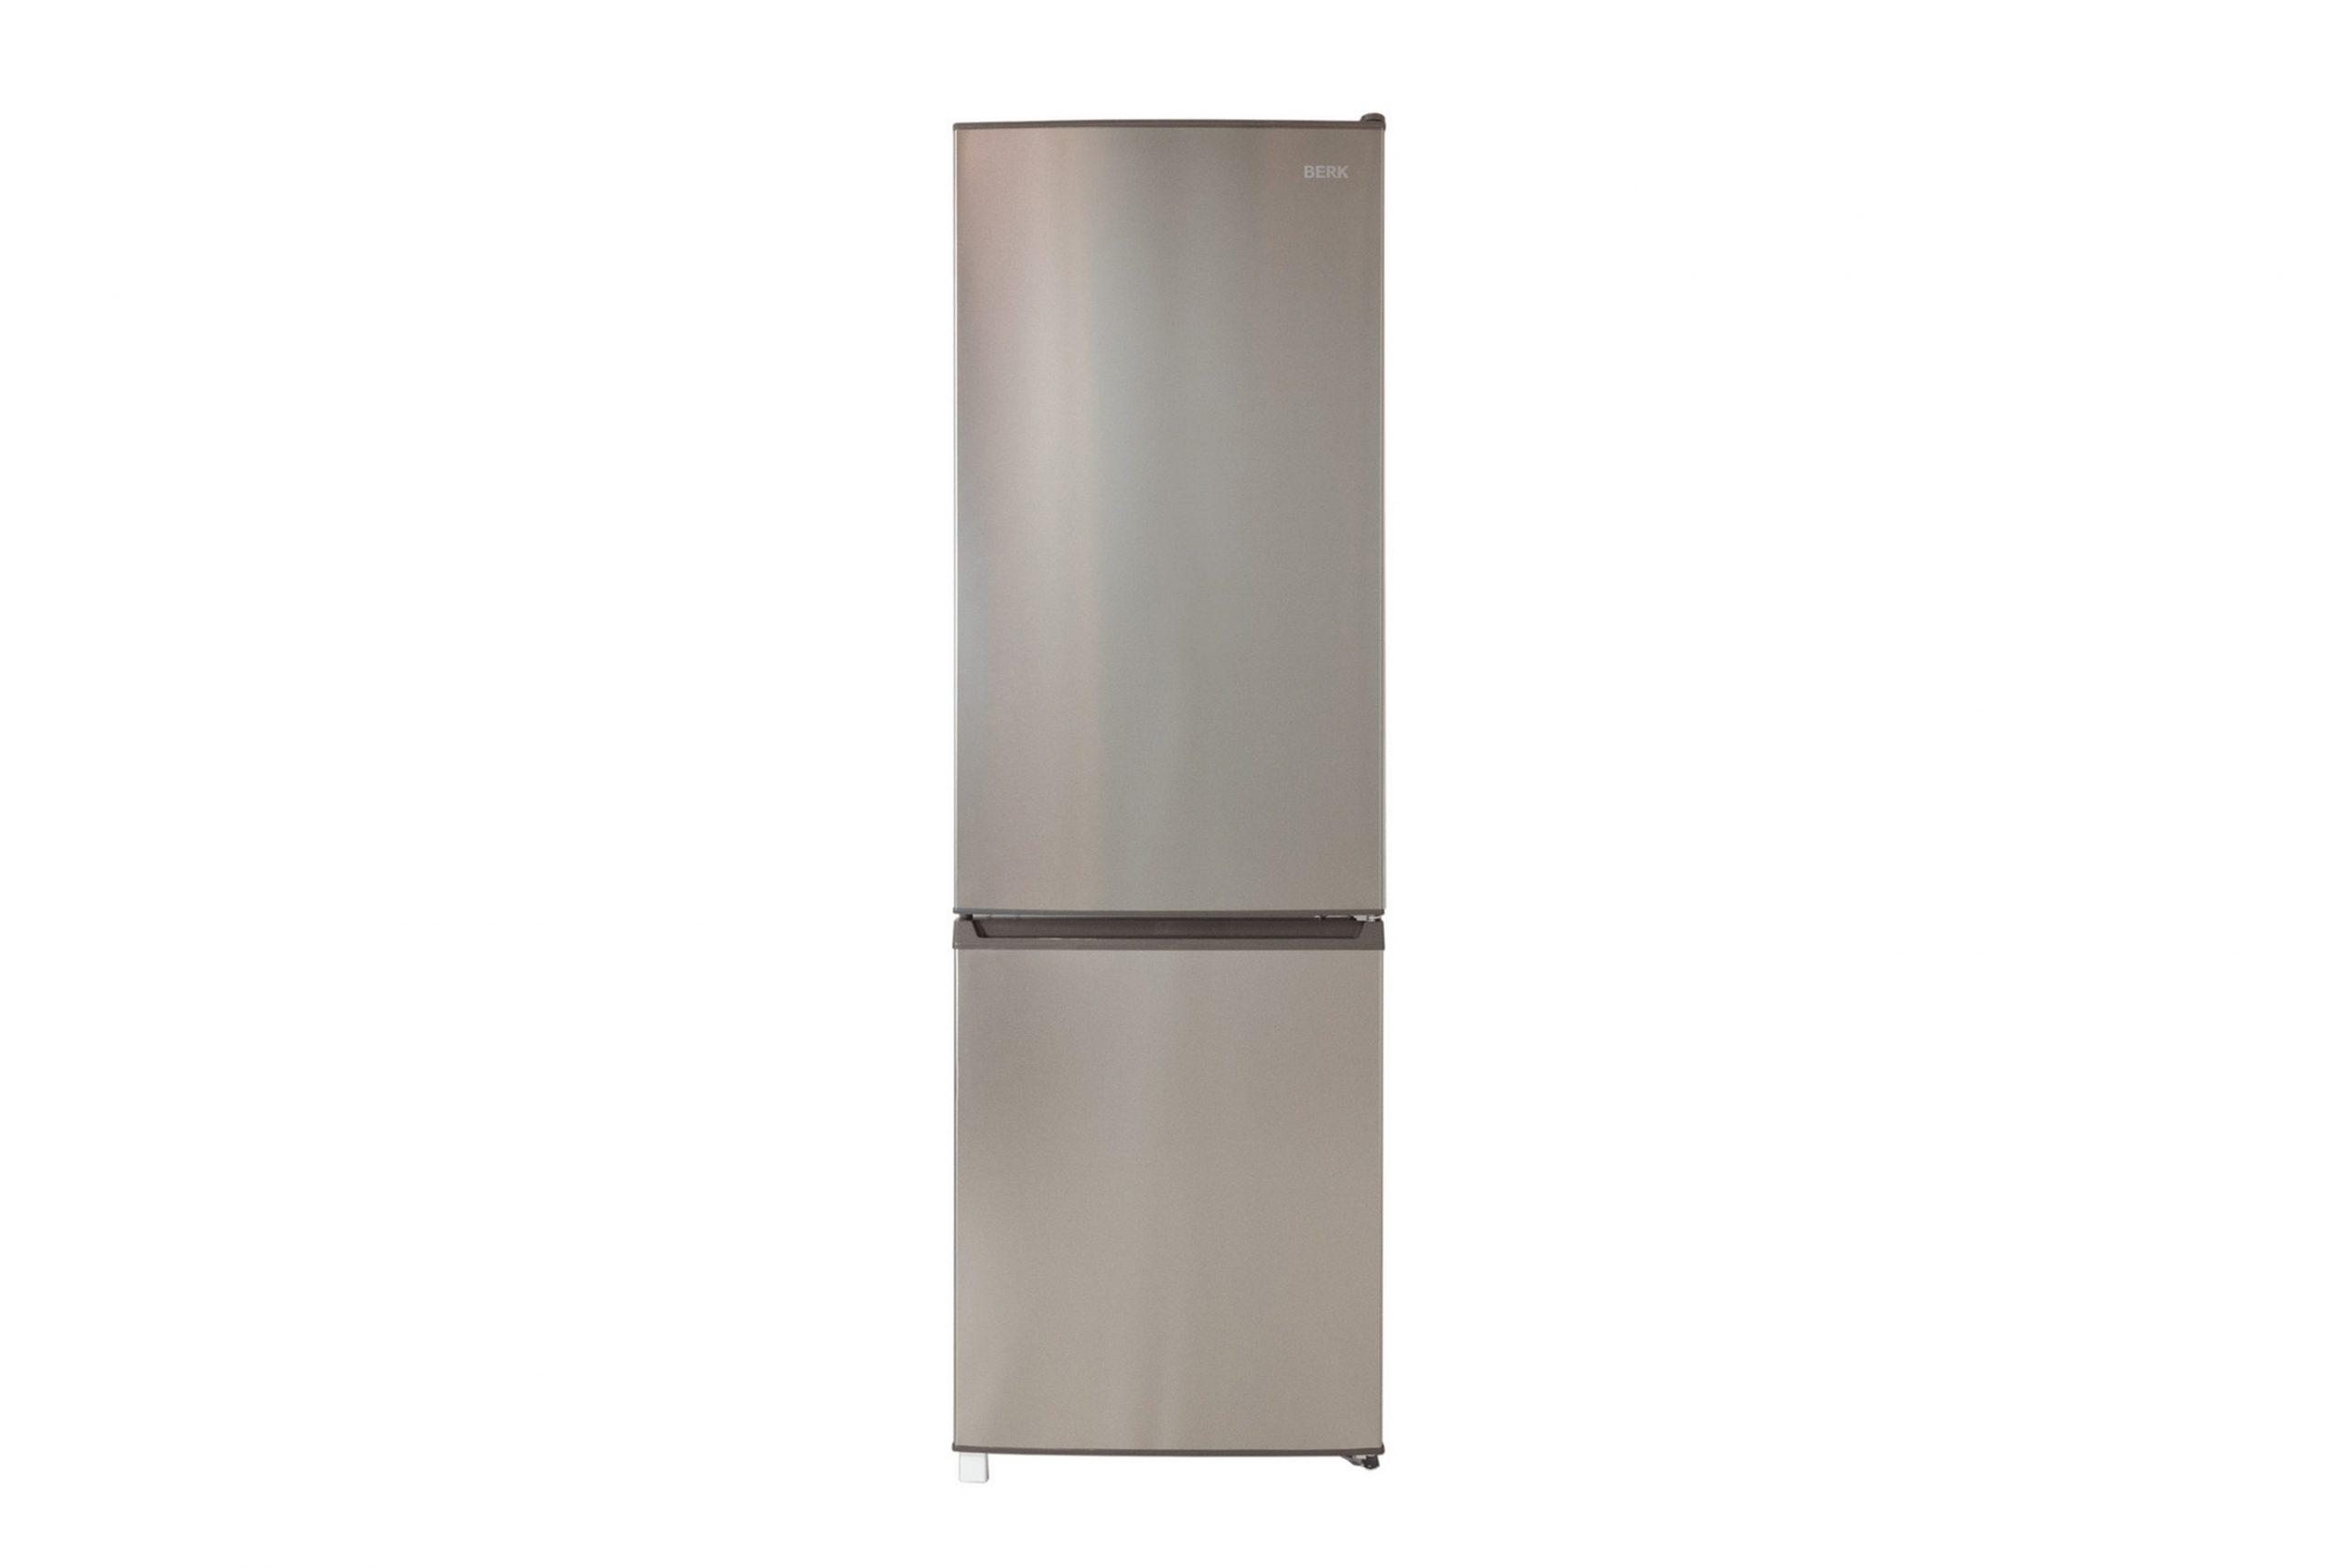 Šaldytuvas Berk BRC-186 X